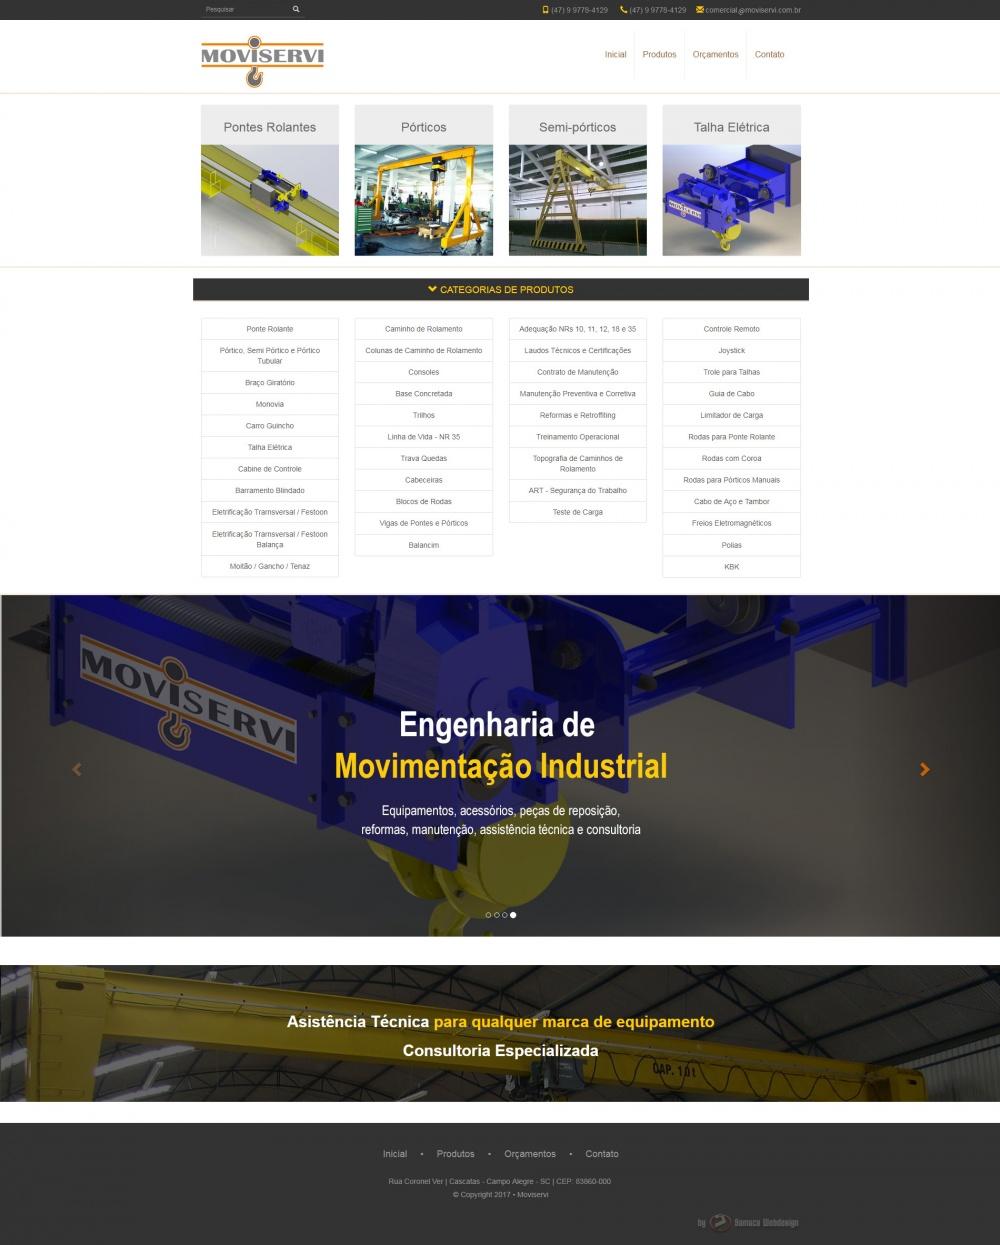 Página inicial do site da Moviservi